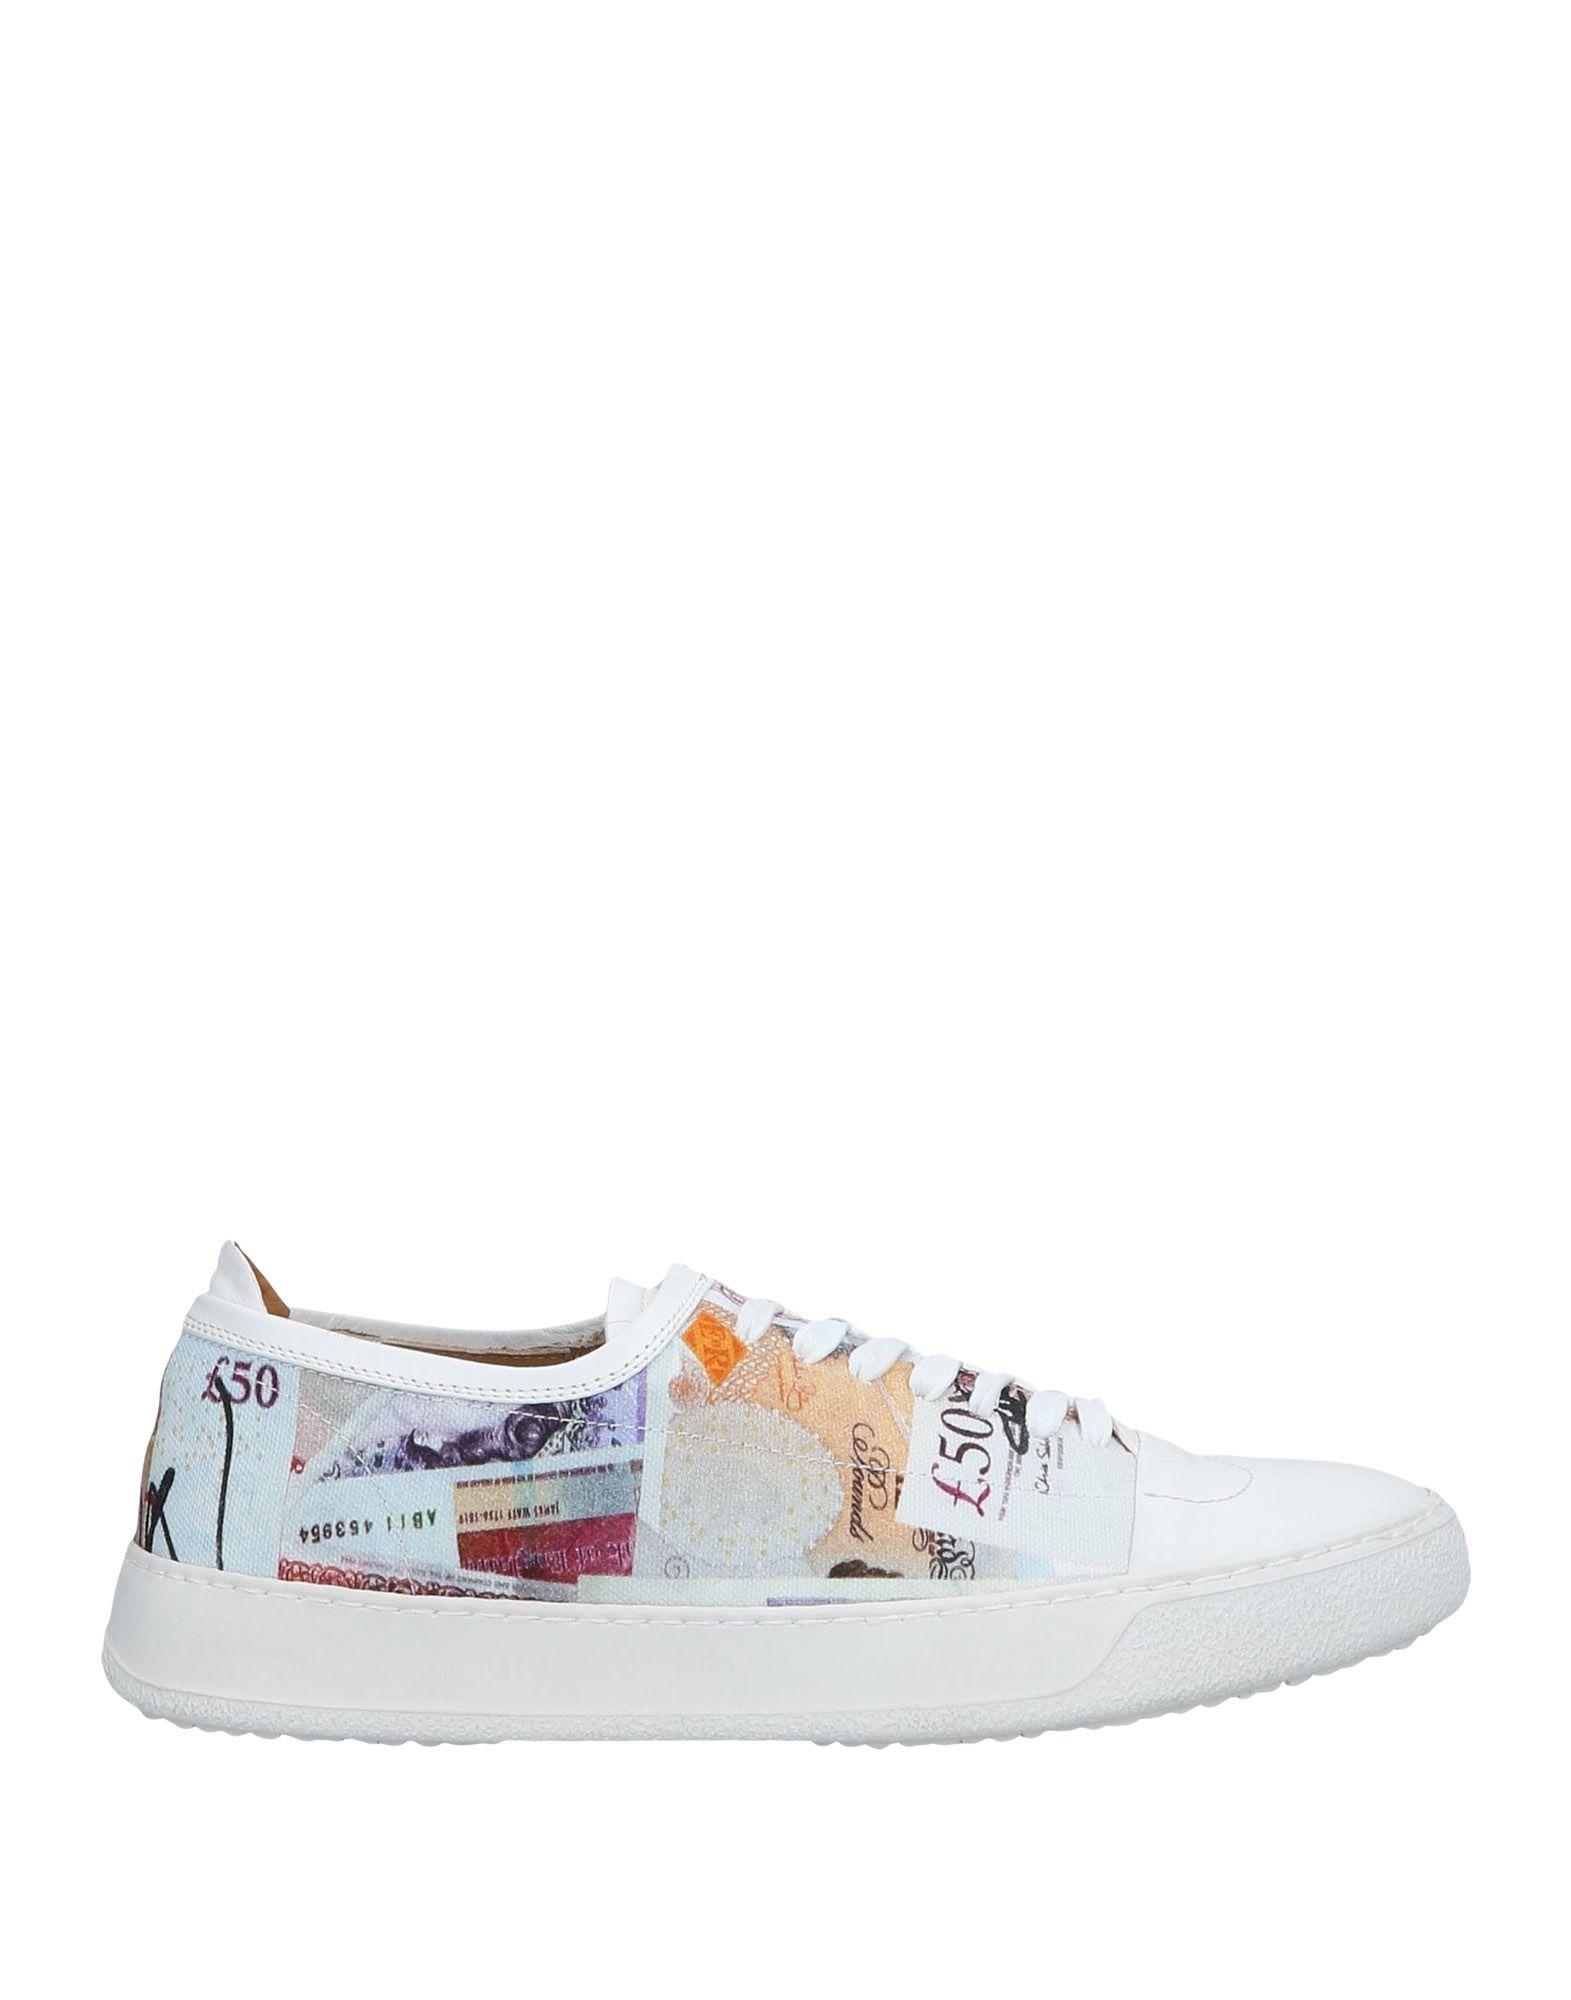 Vivienne Westwood Sneakers Damen  11521008BFGut aussehende strapazierfähige Schuhe